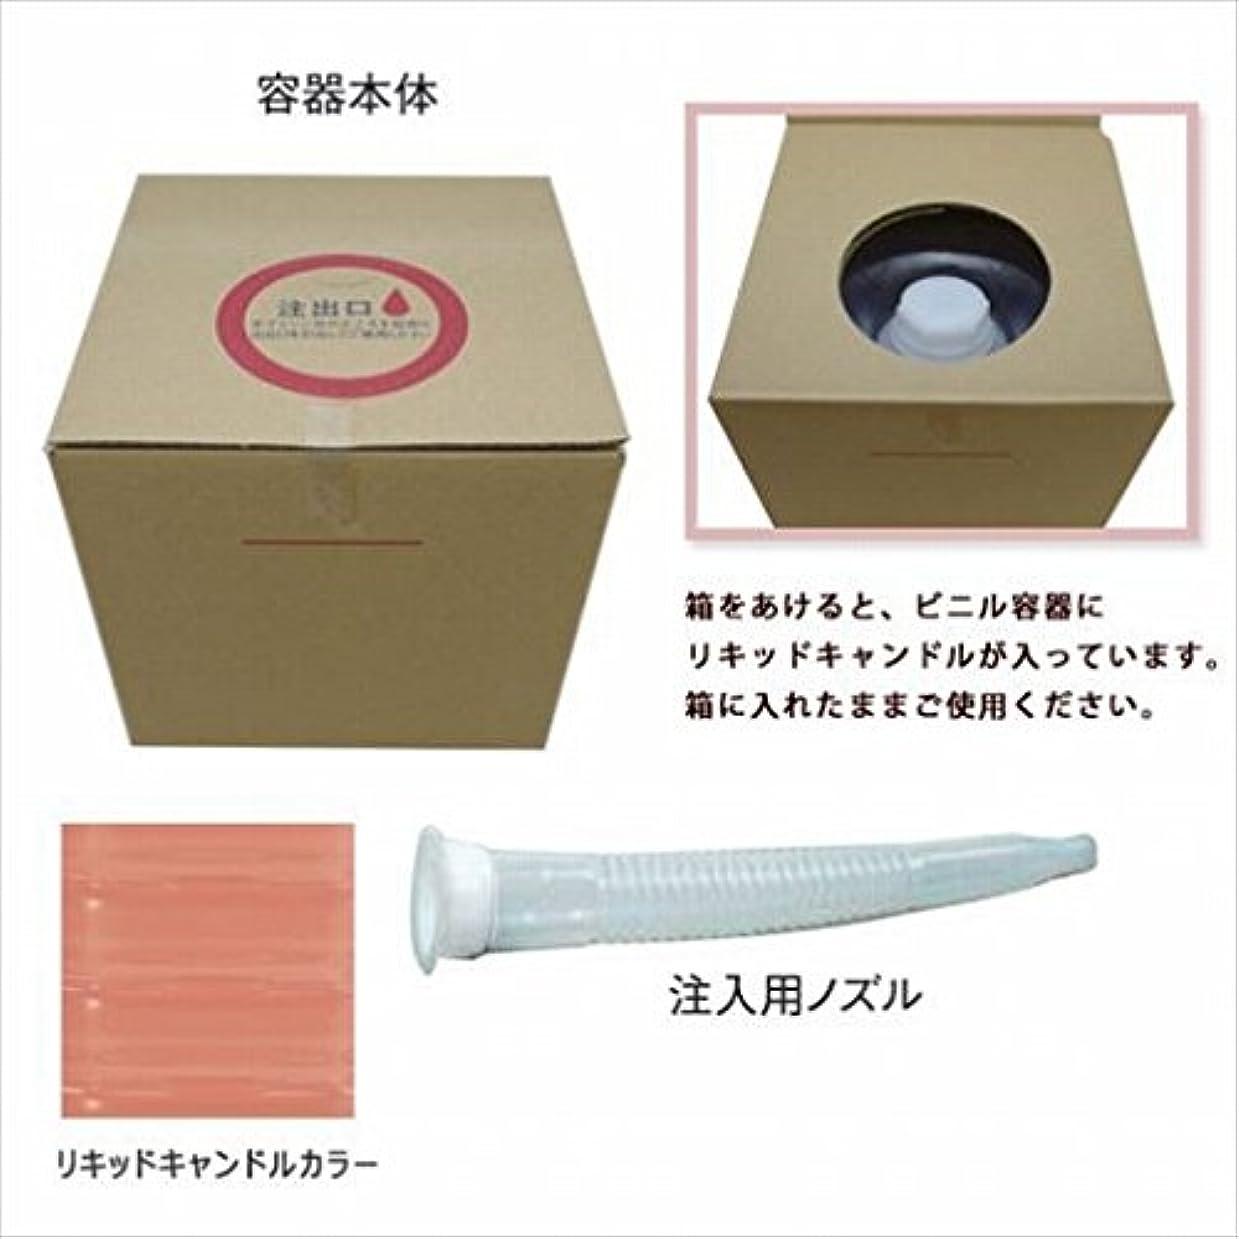 花婿恐怖症ヨーグルトカメヤマキャンドル( kameyama candle ) リキッドキャンドル5リットル 「 ピンクゴールド 」